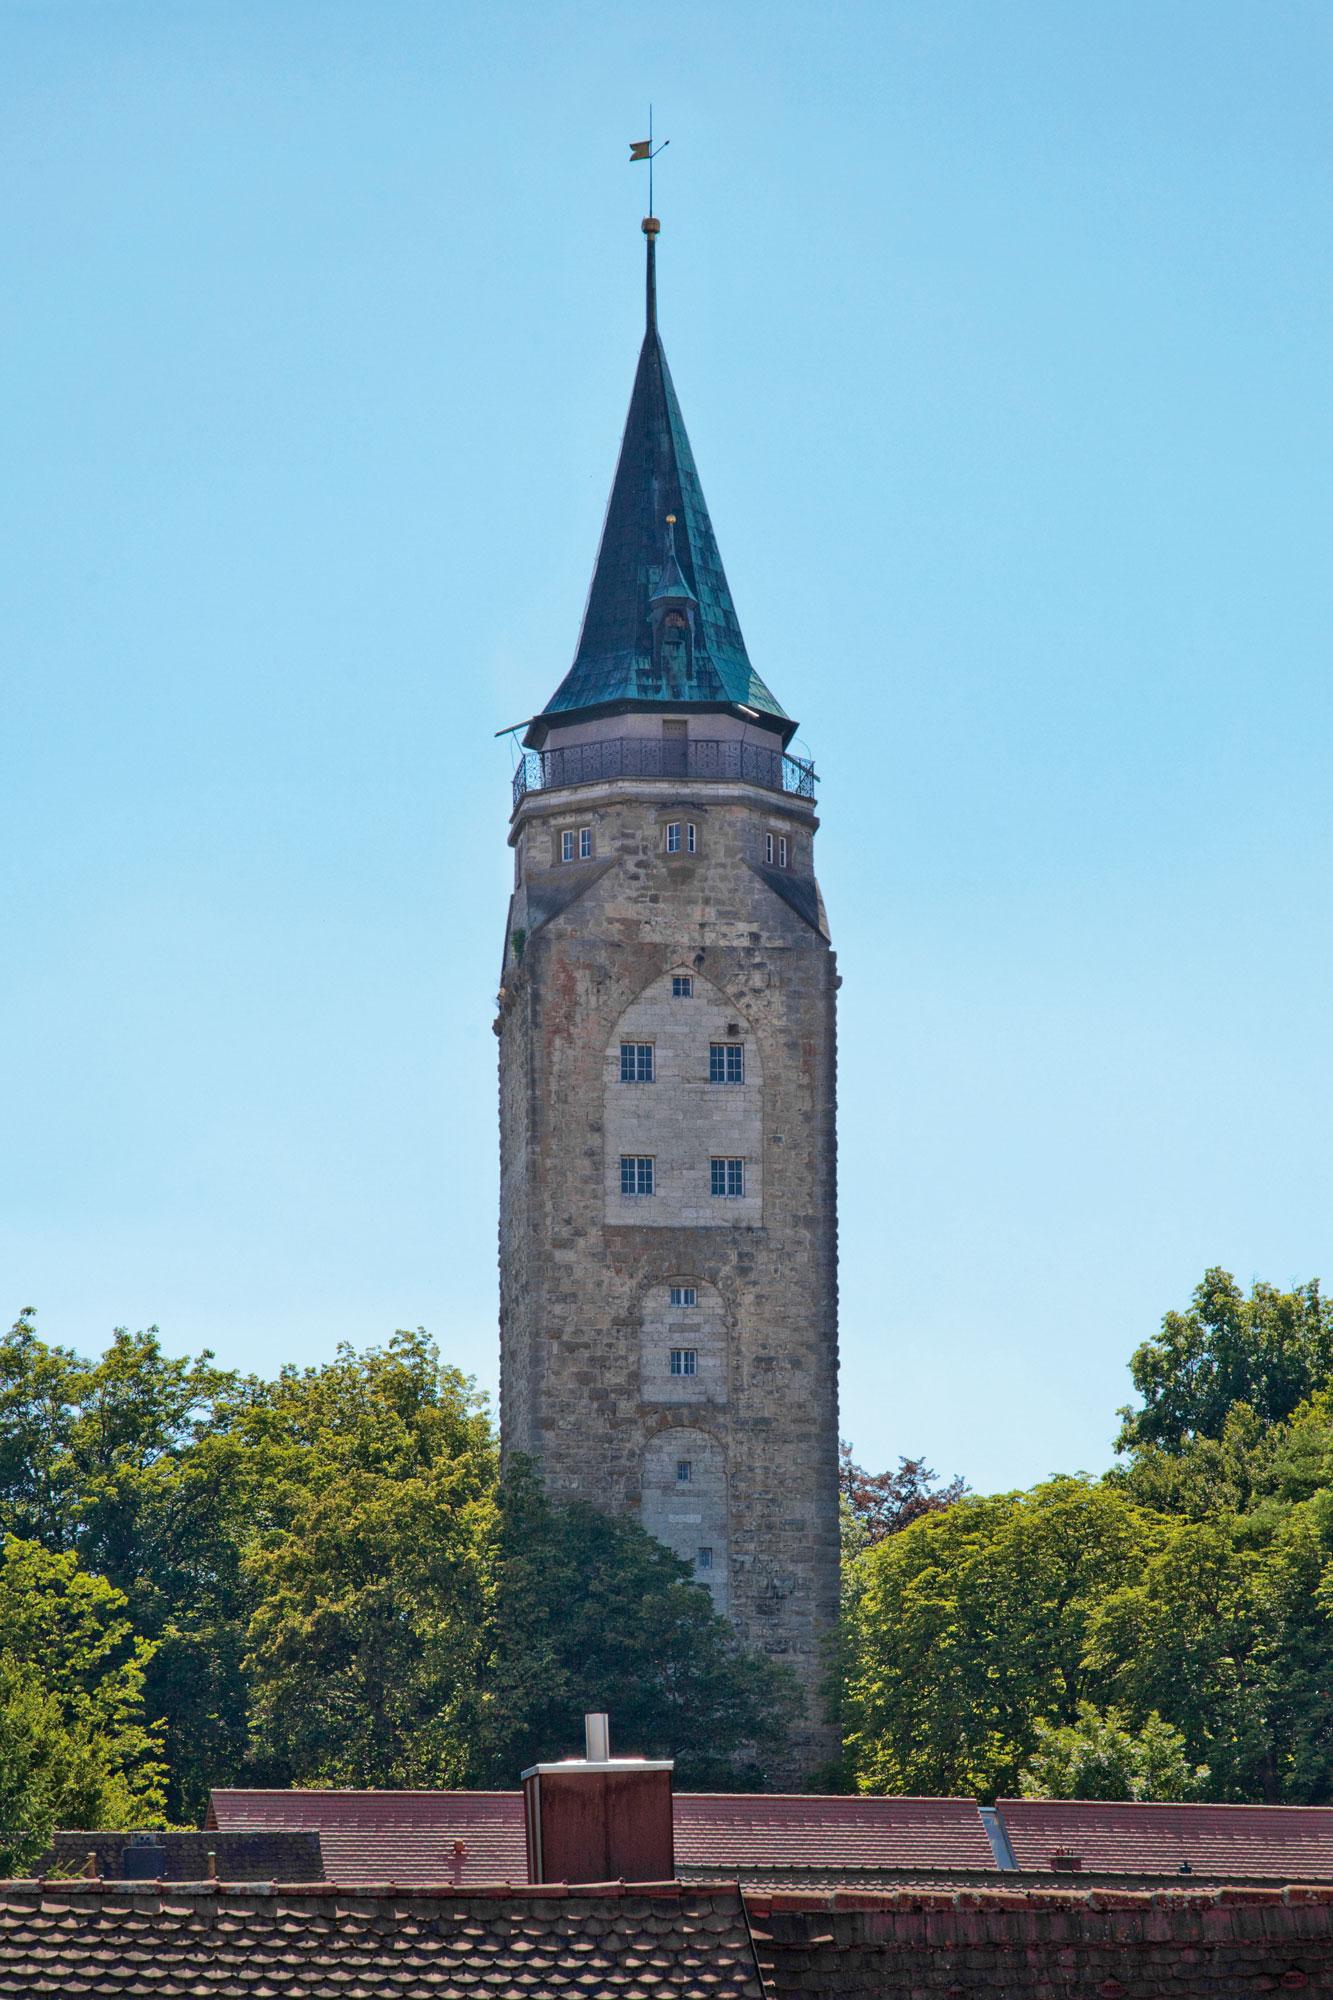 Der Hochturm im Westen der historischen Innenstadt